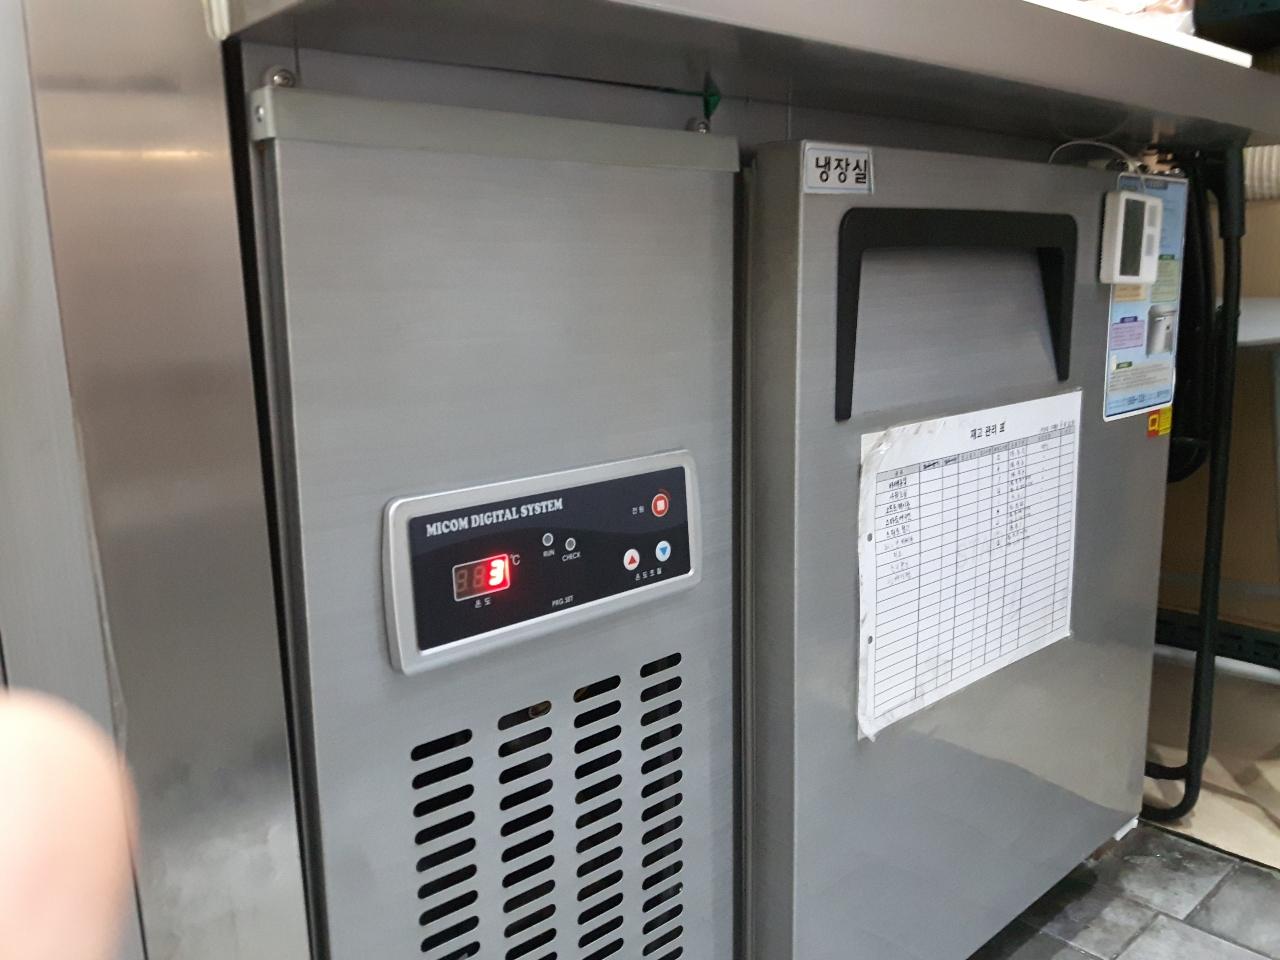 우성 냉장고 및 상판 소스꽂이 냉장고